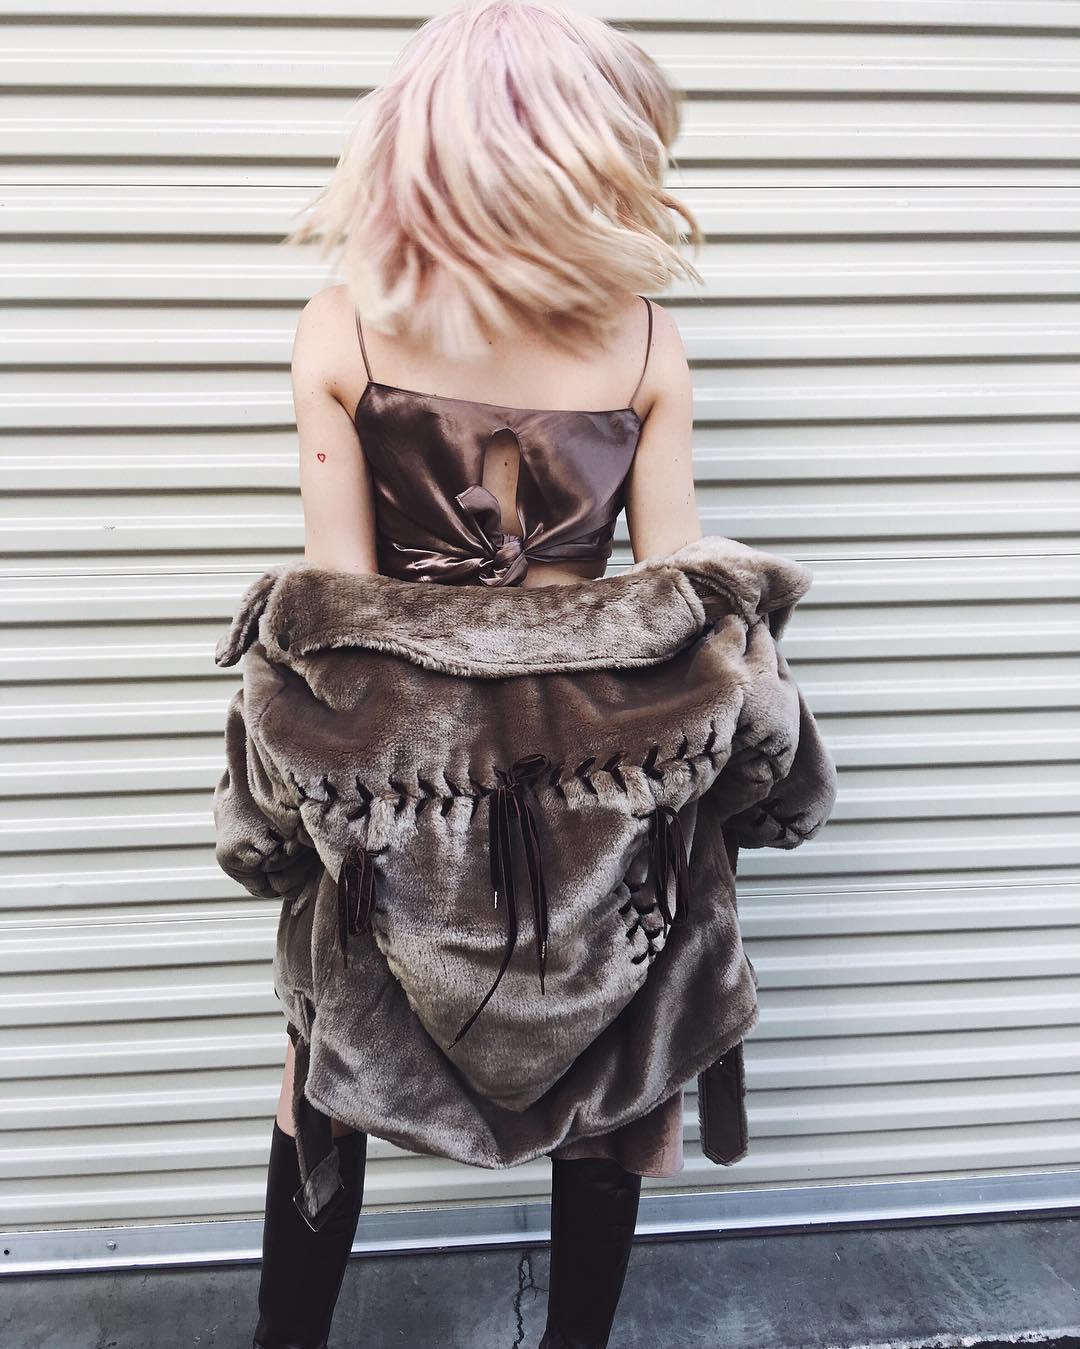 Përzgjedhja e rrobave të saj konsiderohet sensacionale.